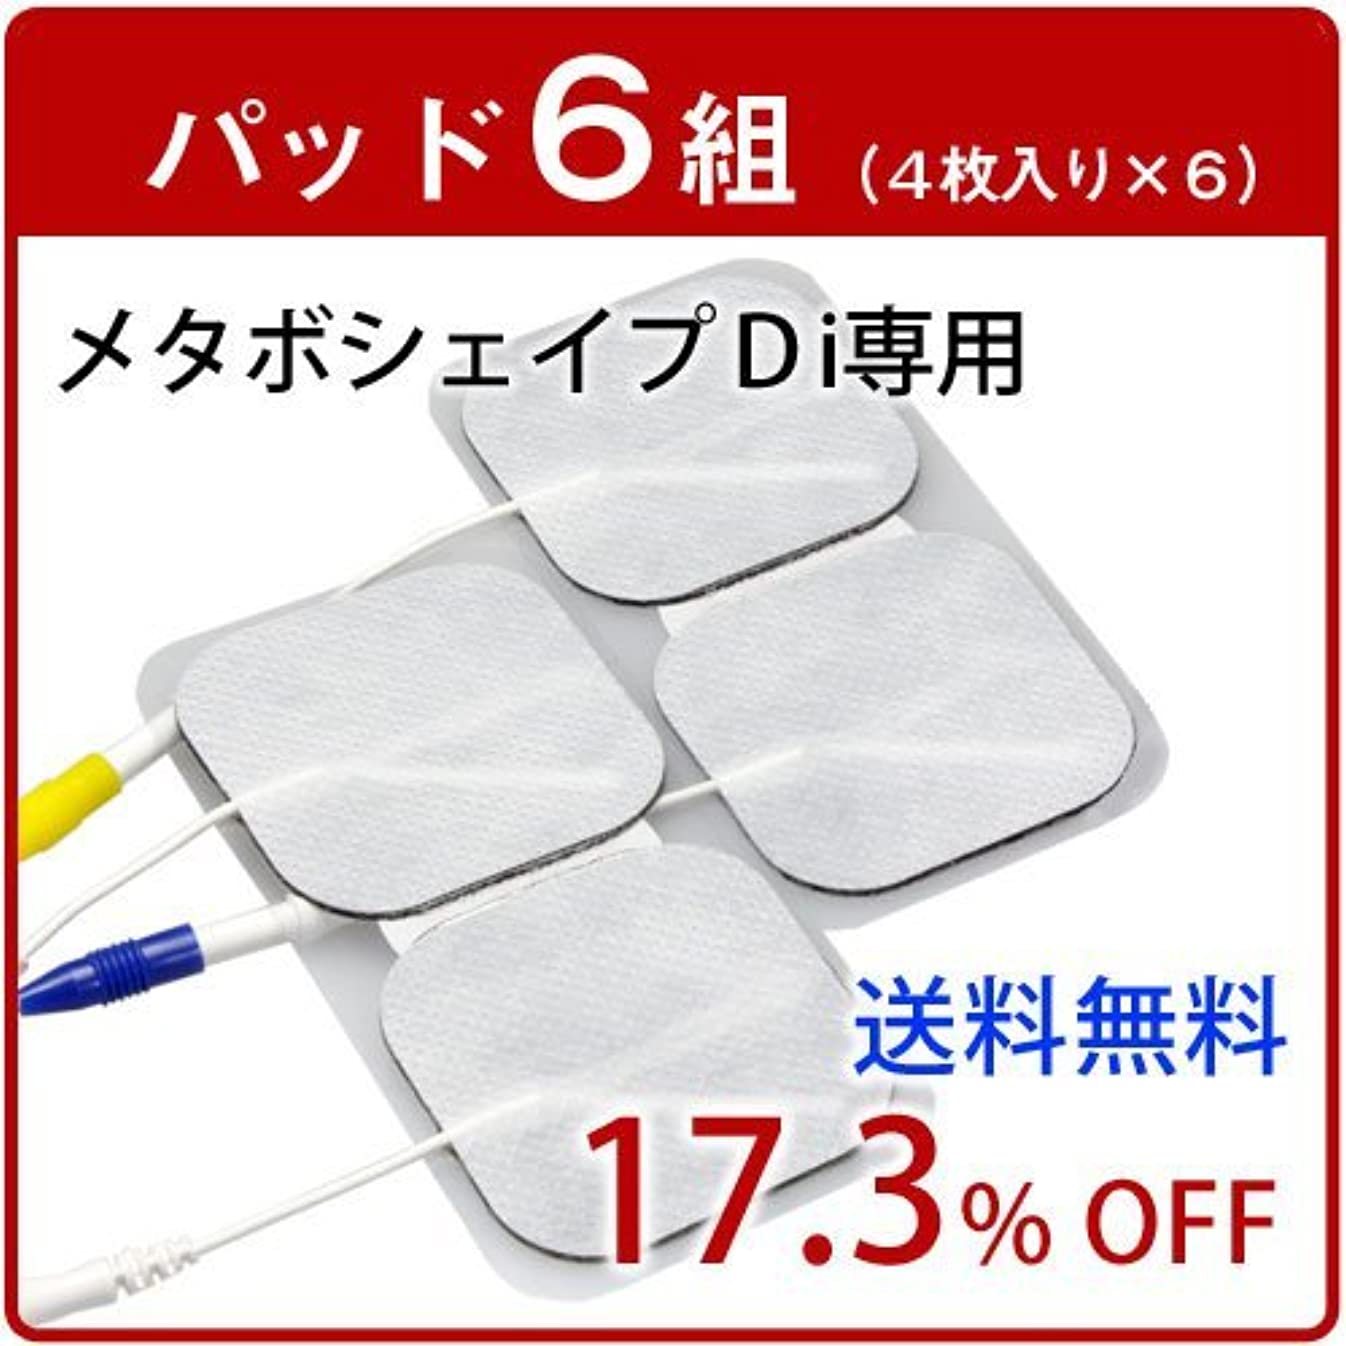 問い合わせ生クアッガ【正規品】メタボシェイプ Di 用粘着パッド6組(4枚入り×6)